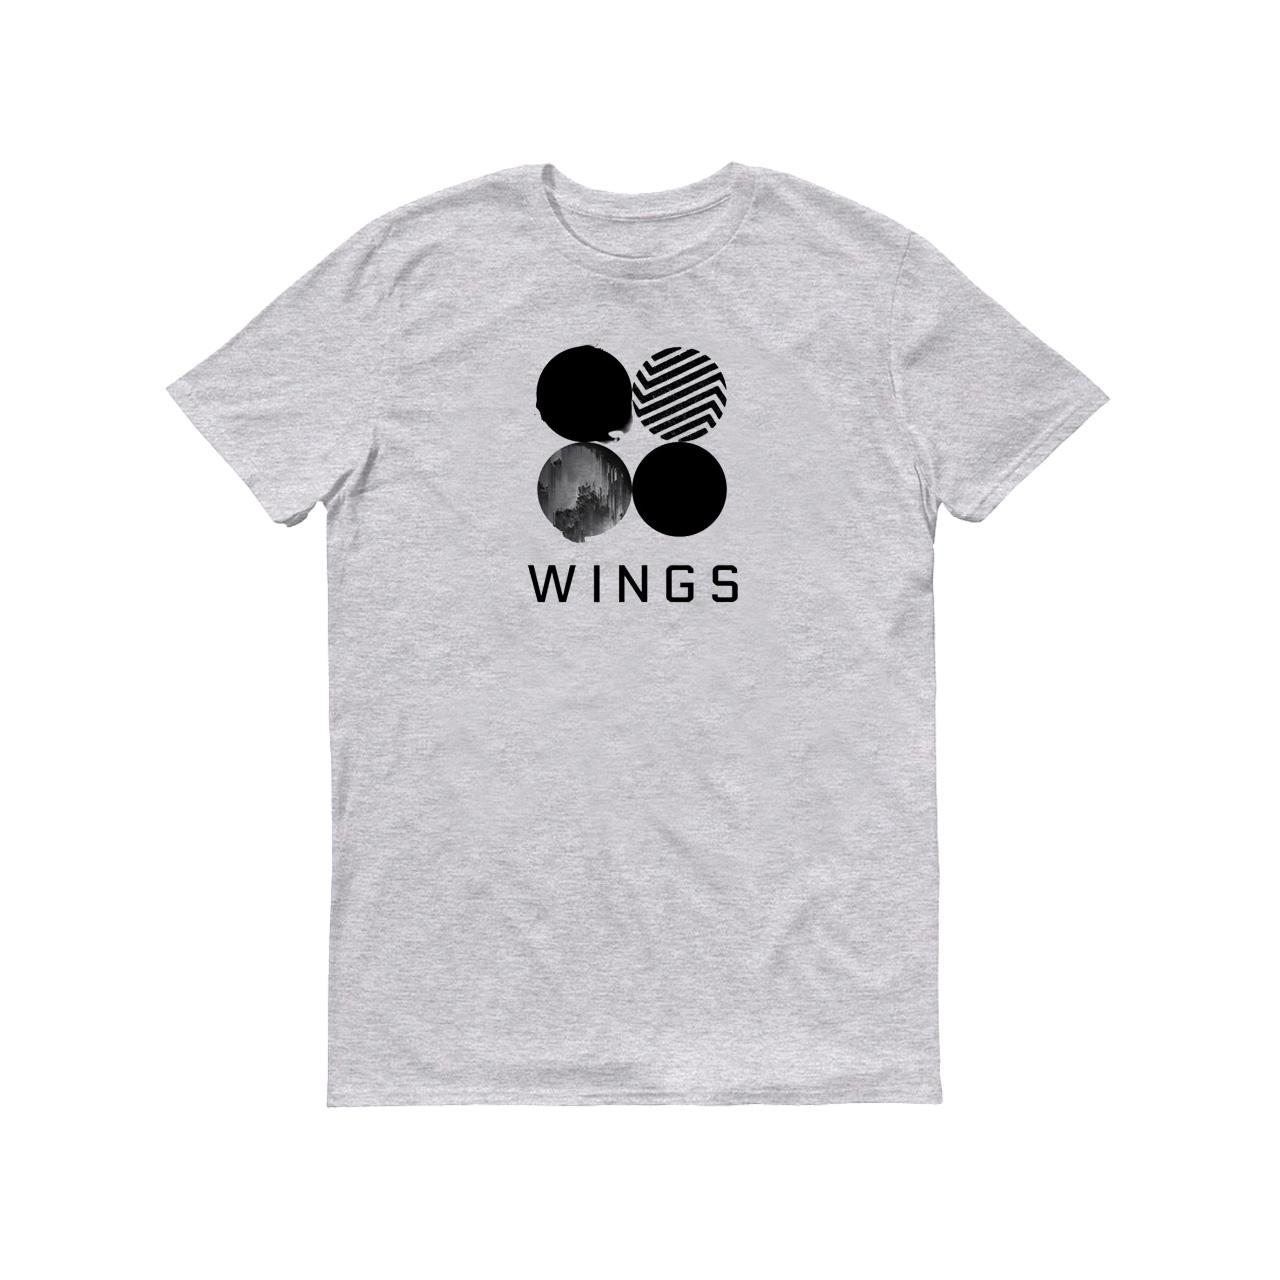 تی شرت مردانه طرح Wings Bts کد 142-1